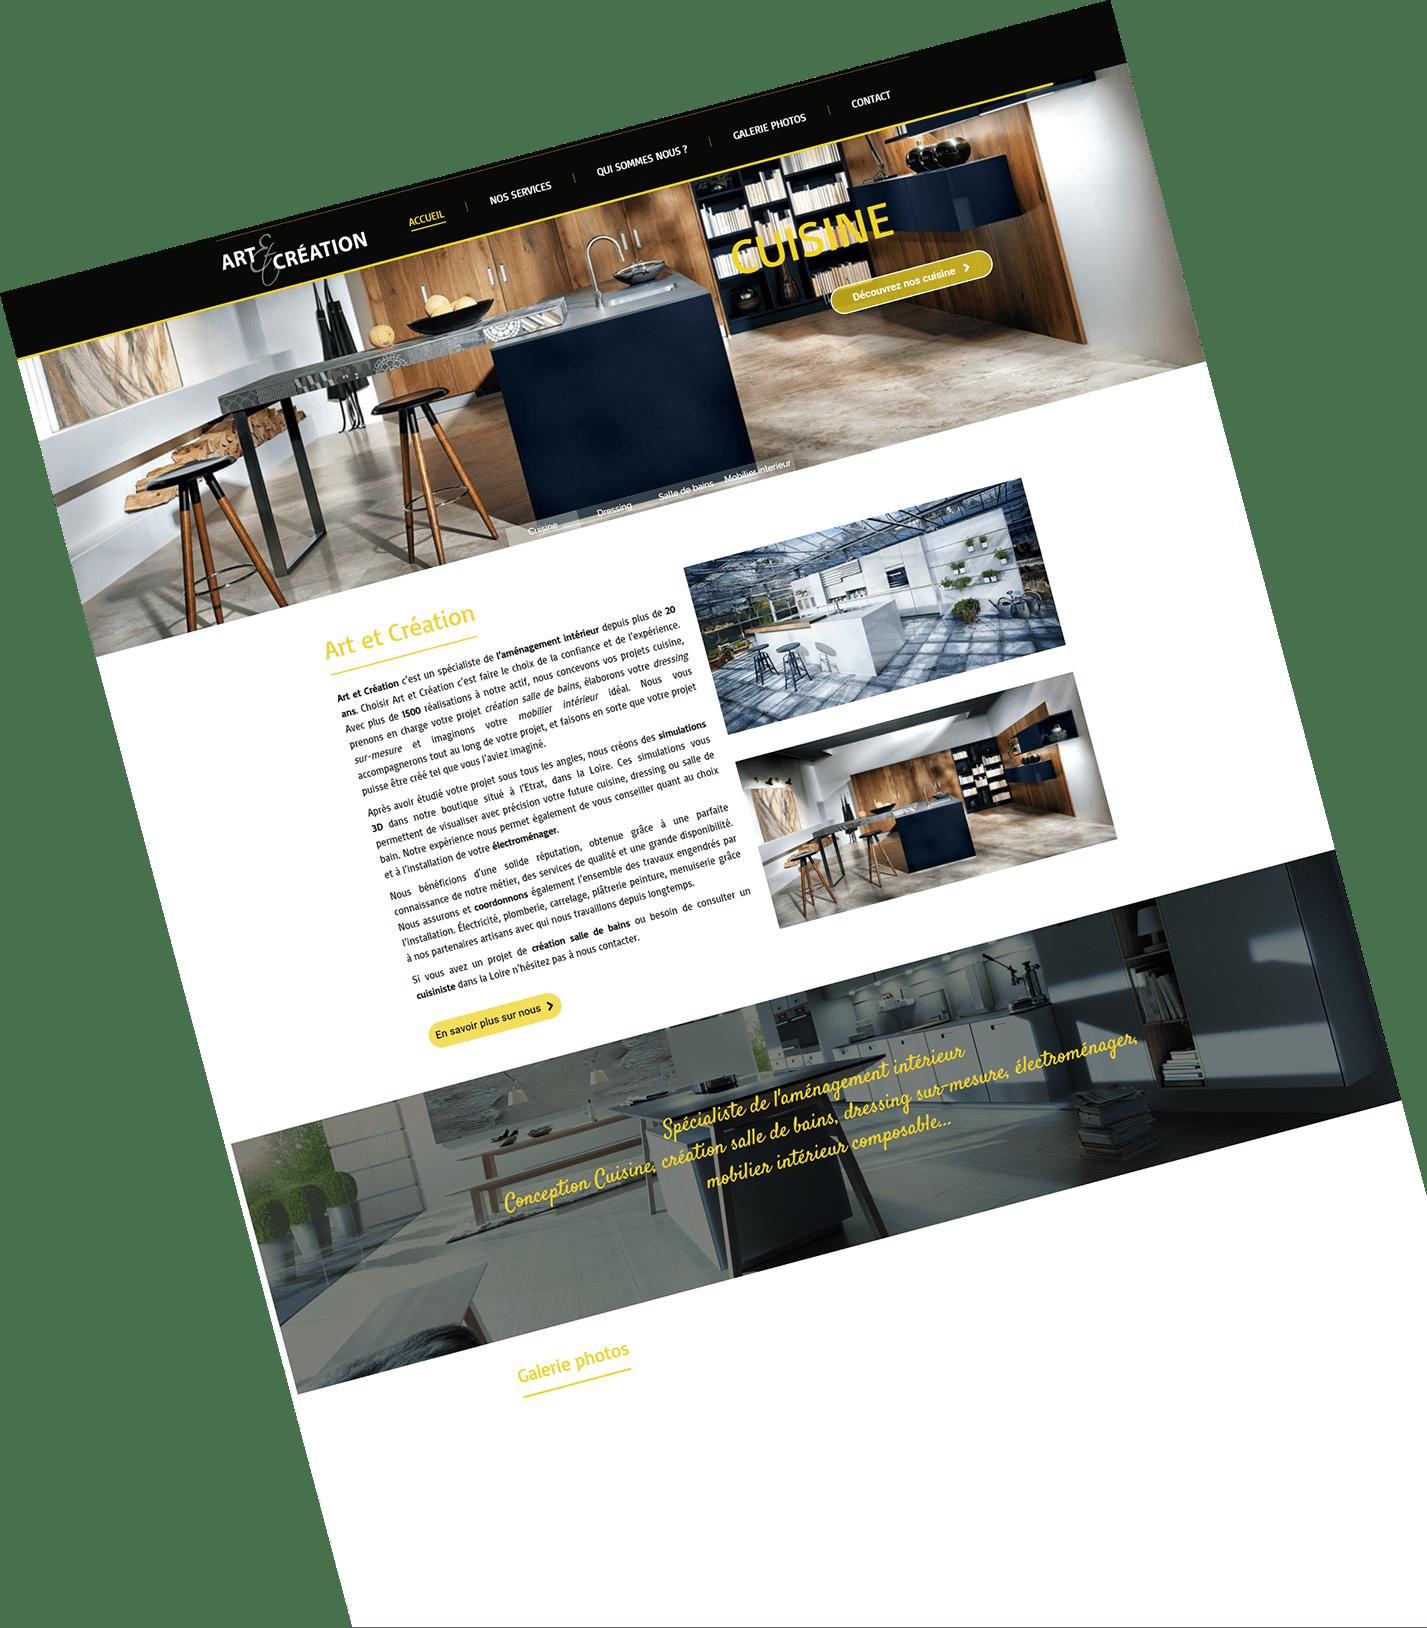 art et création - site internet